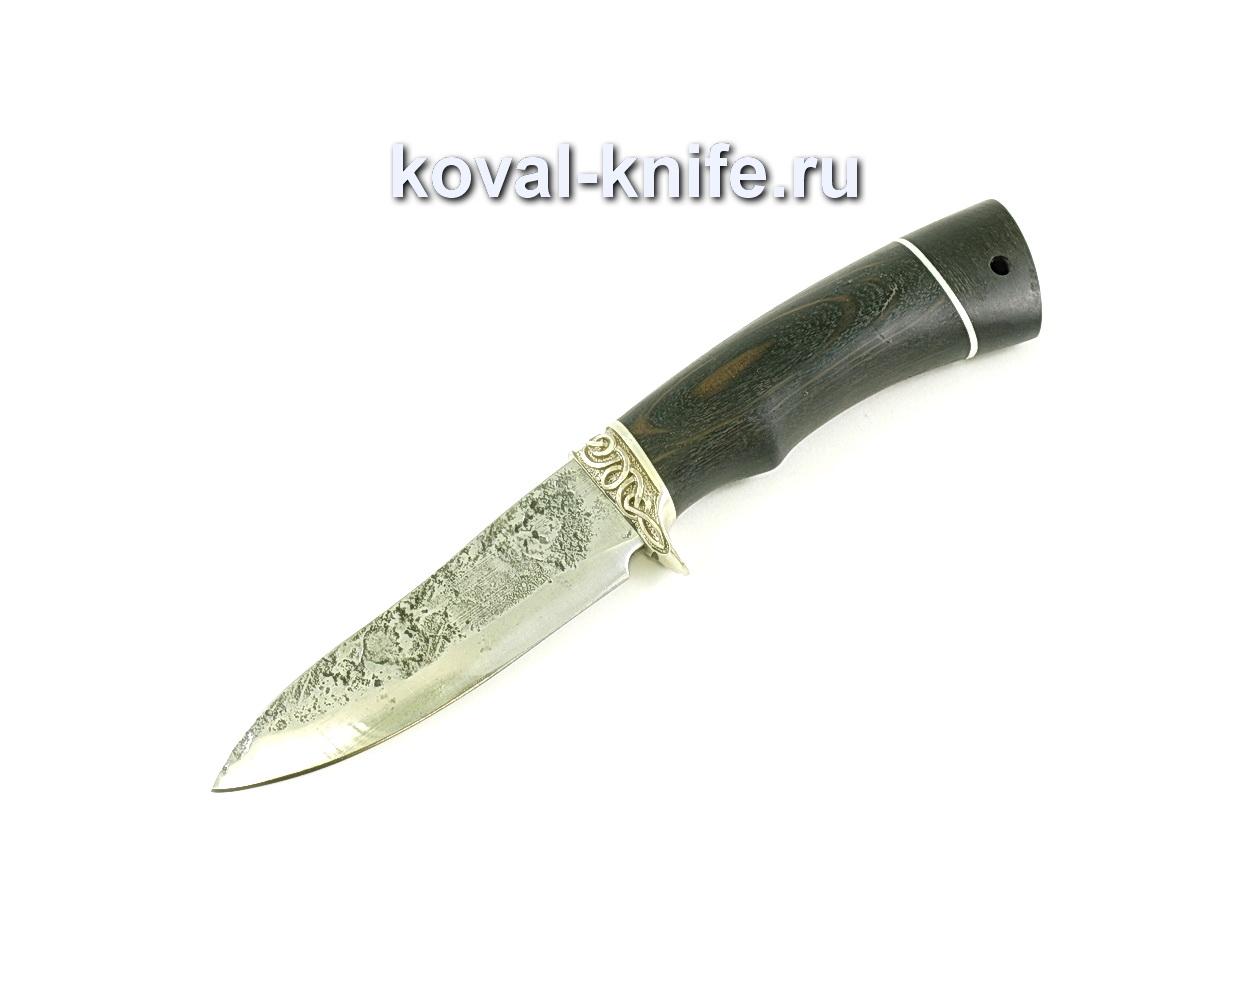 Нож Лань (сталь 9хс), рукоять граб A072